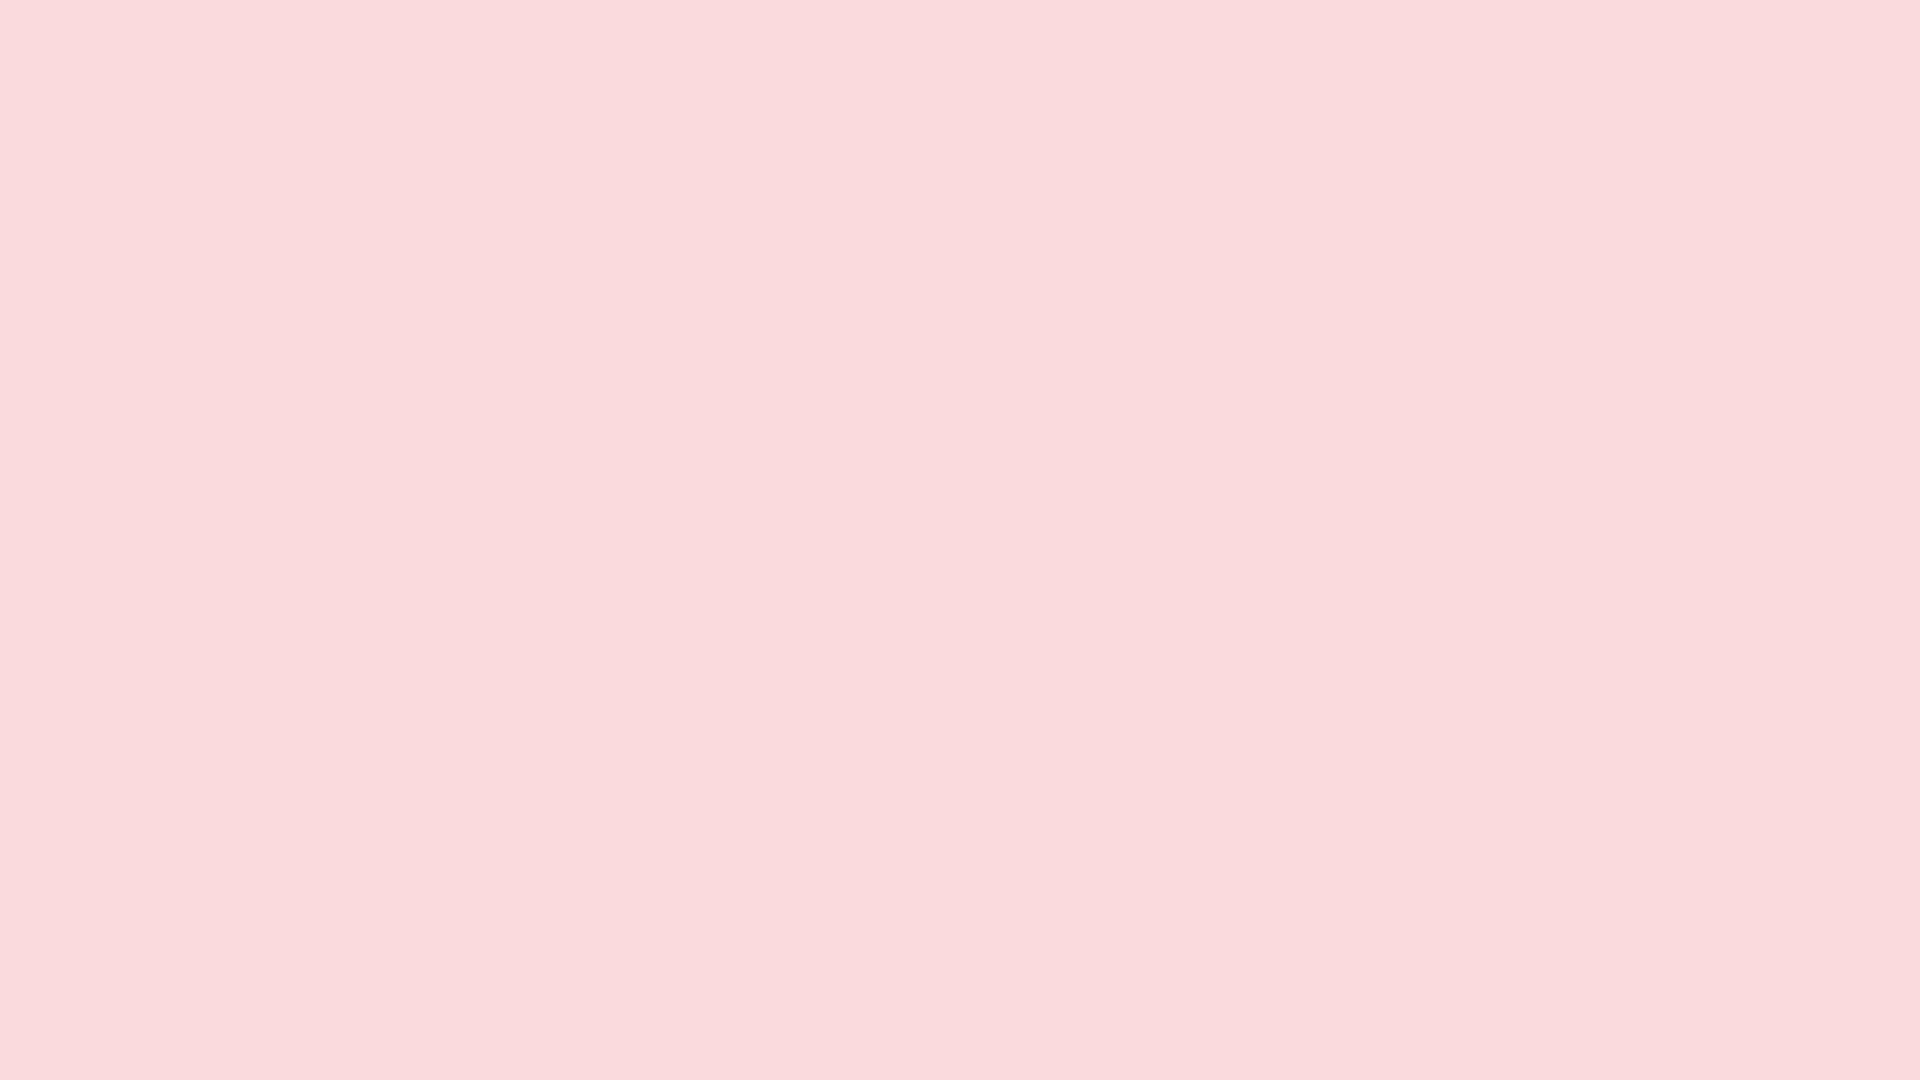 Gurren Lagann Quotes Wallpaper Soft Pink Wallpaper 183 ①